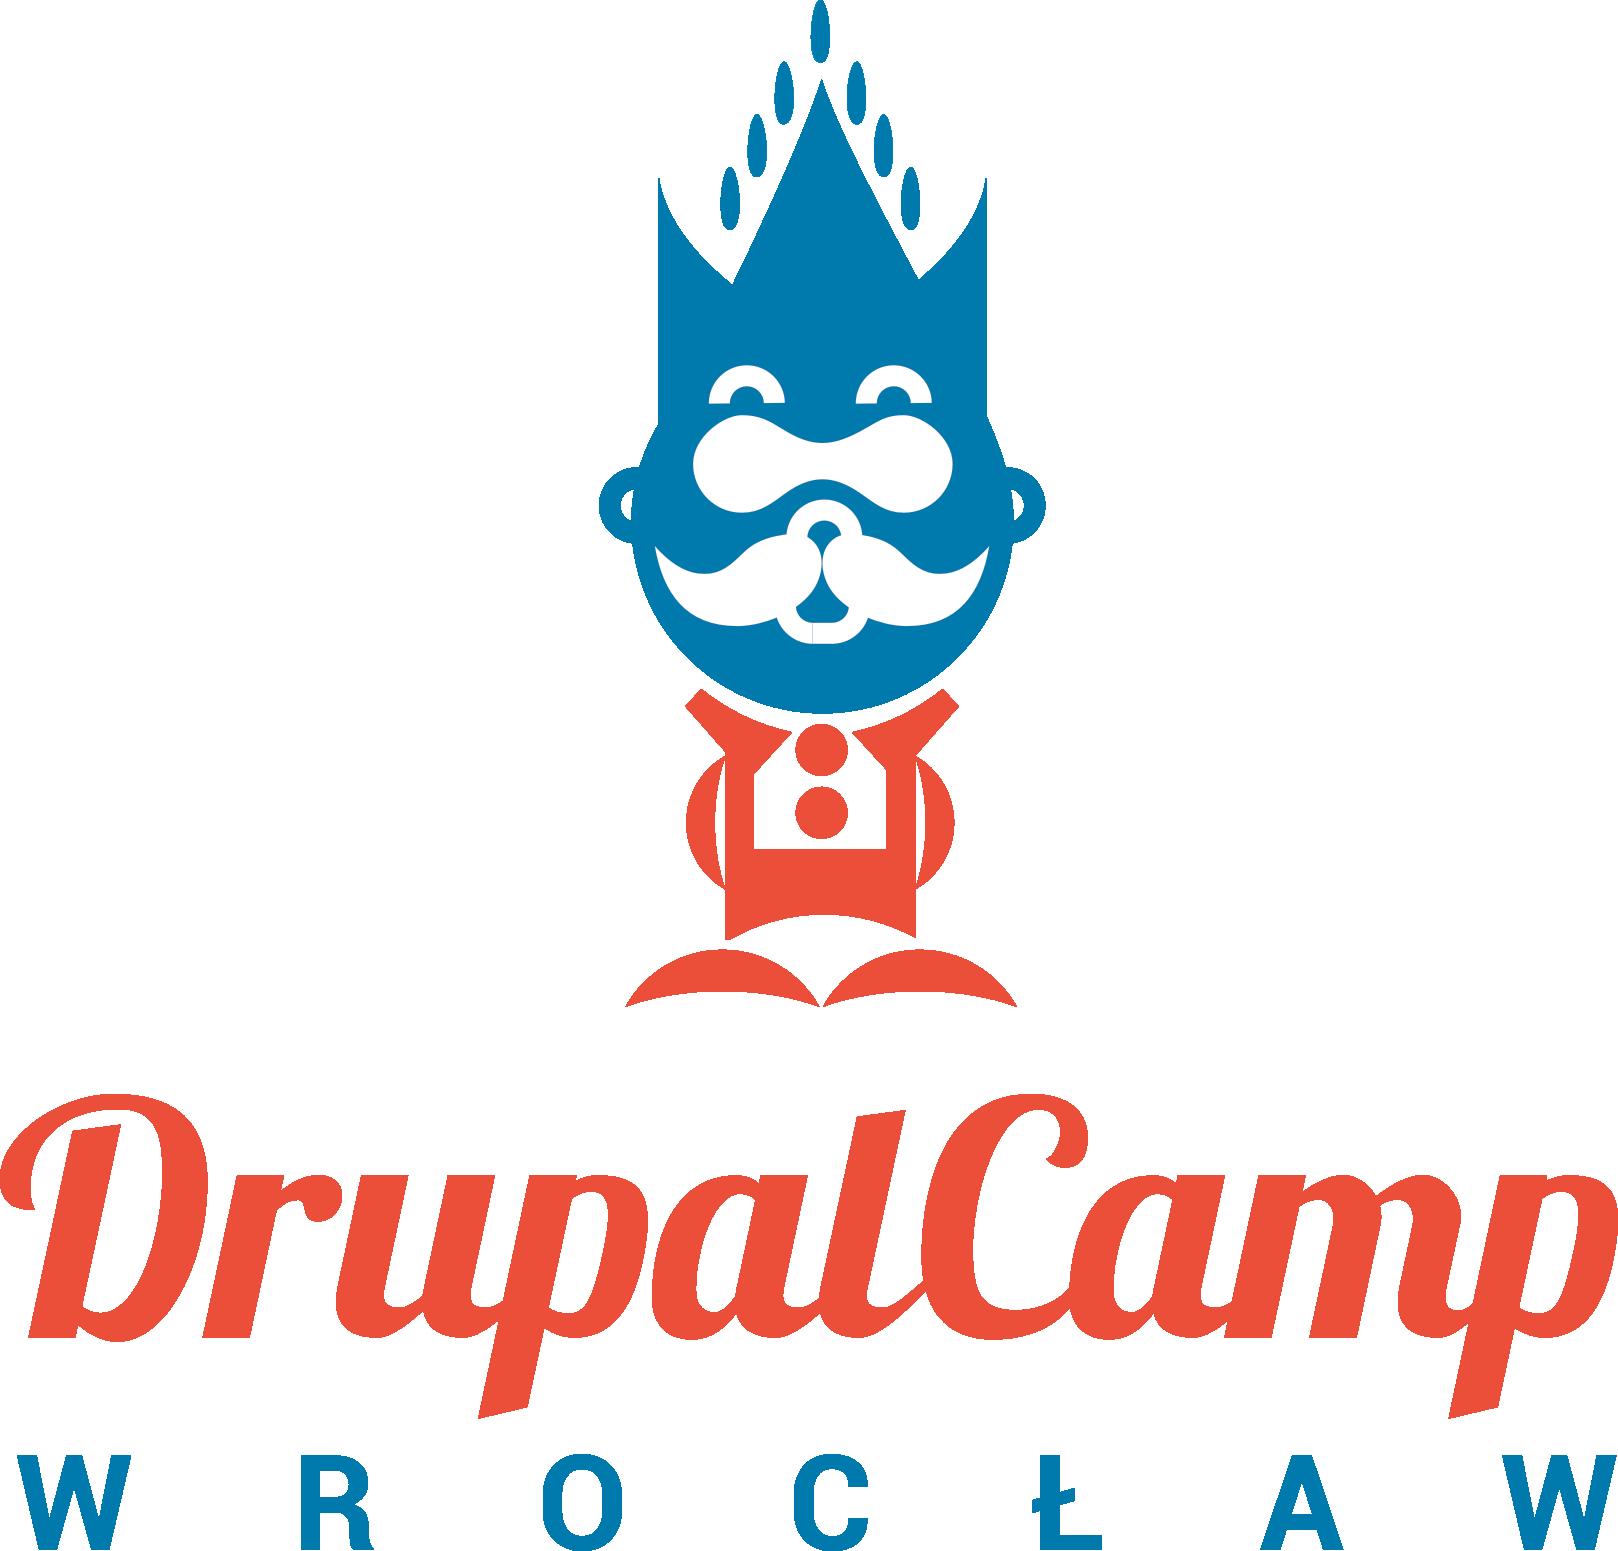 Chcesz koszulkę i Kufel z logo Drupala? Zasponsoruj DrupalCamp Wrocław!